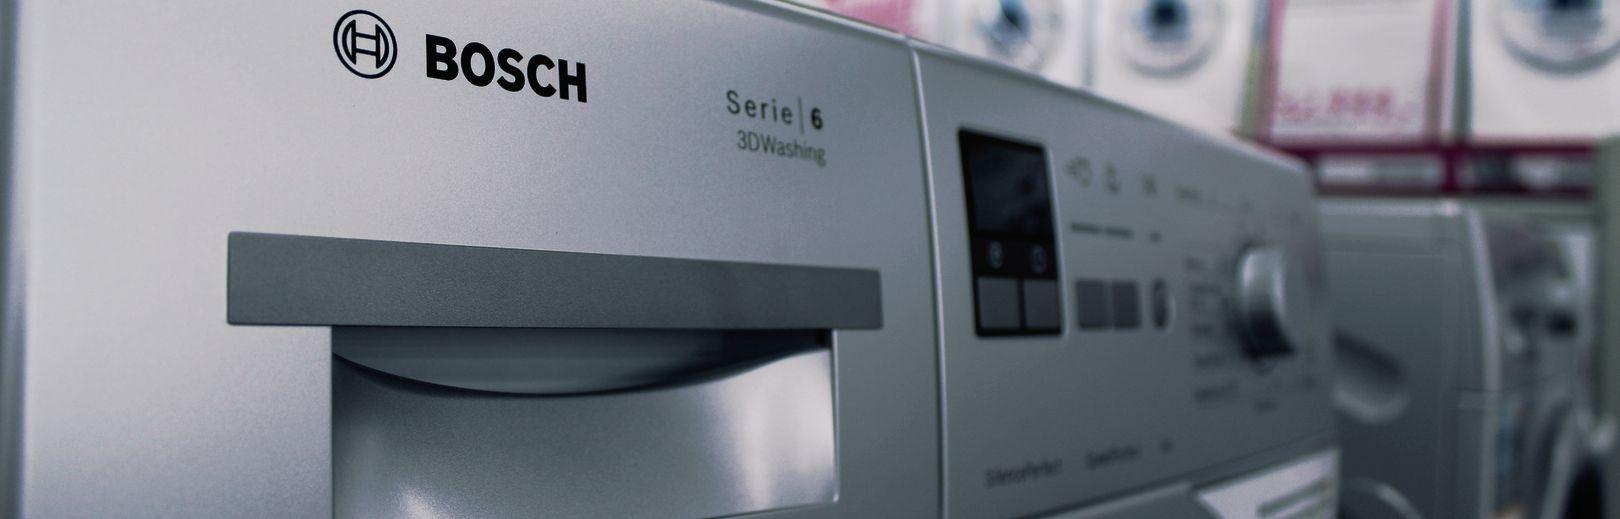 Распространенные модели стиральных машин Bosch